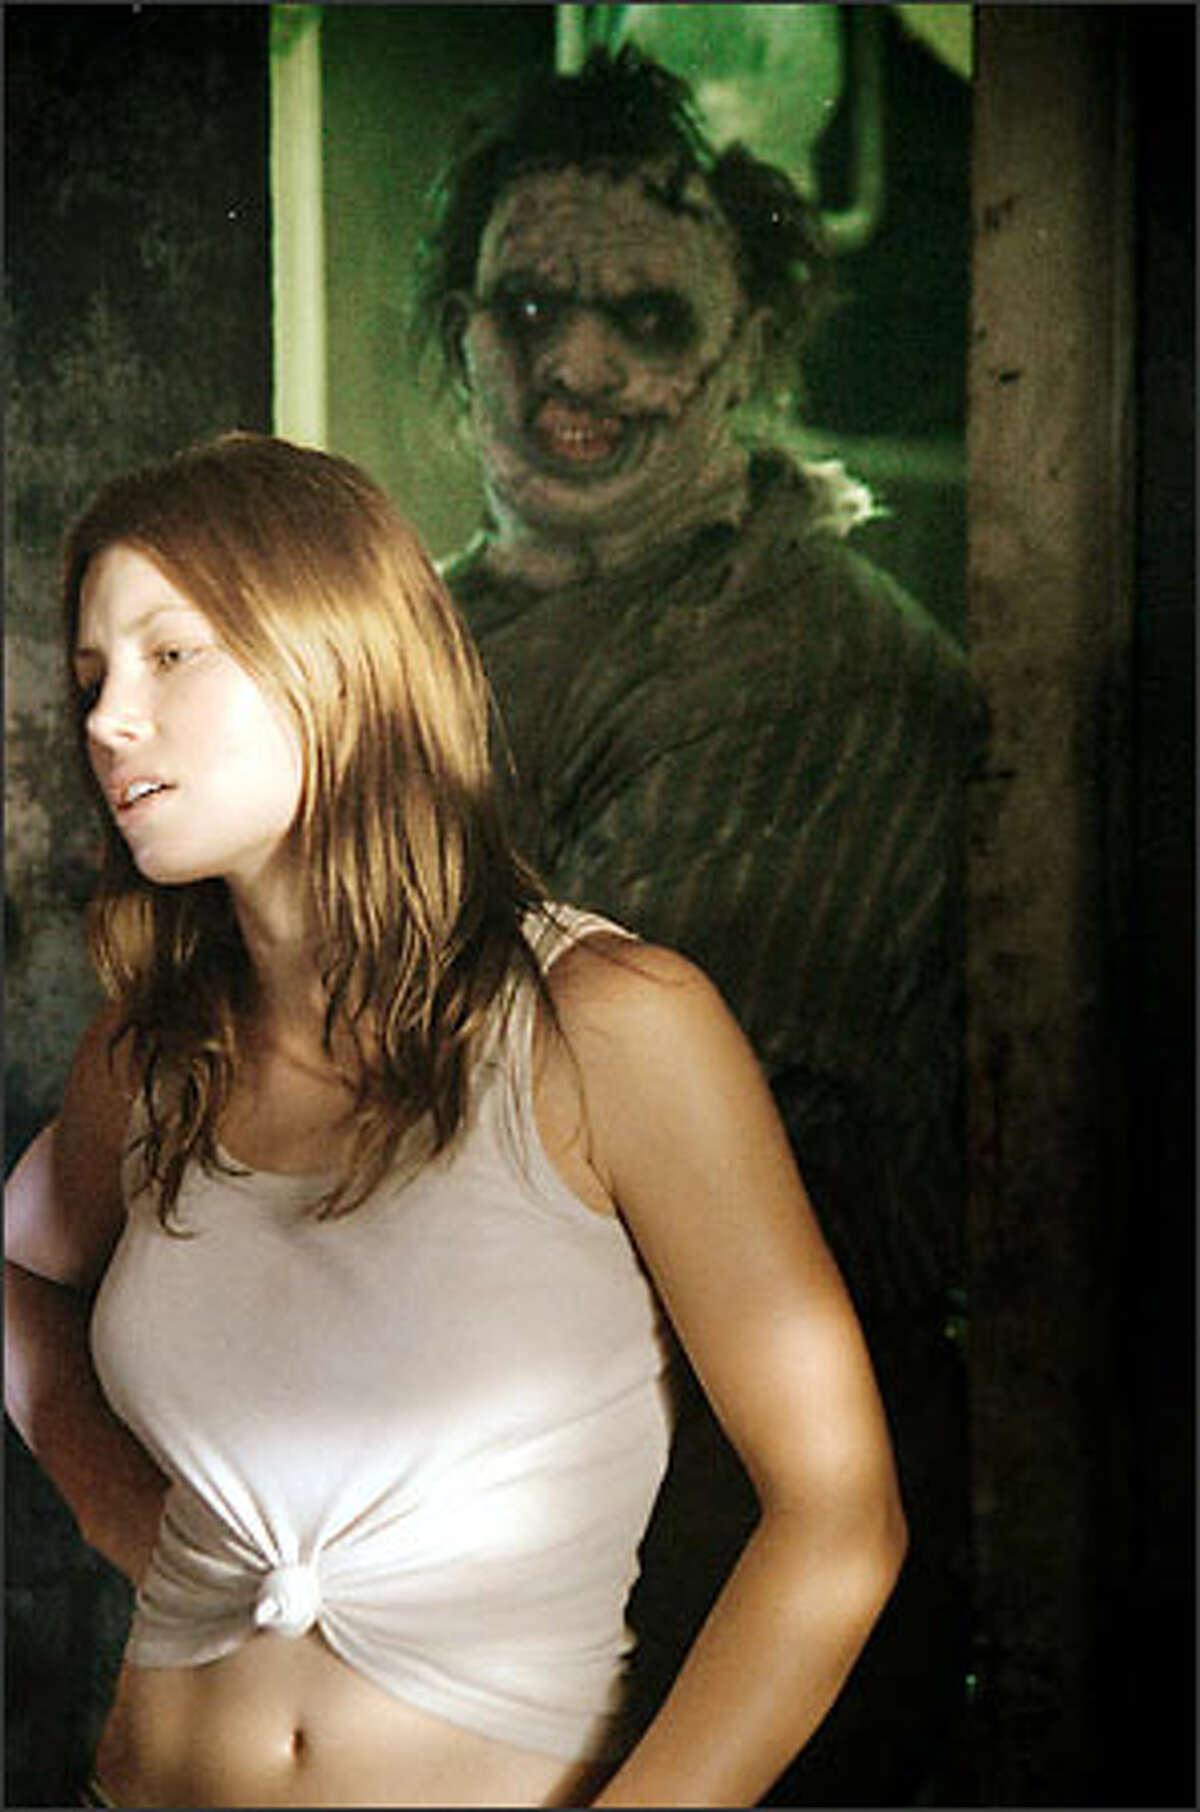 Erin (Jessica Biel) and Leatherface (Andrew Bryniarski).